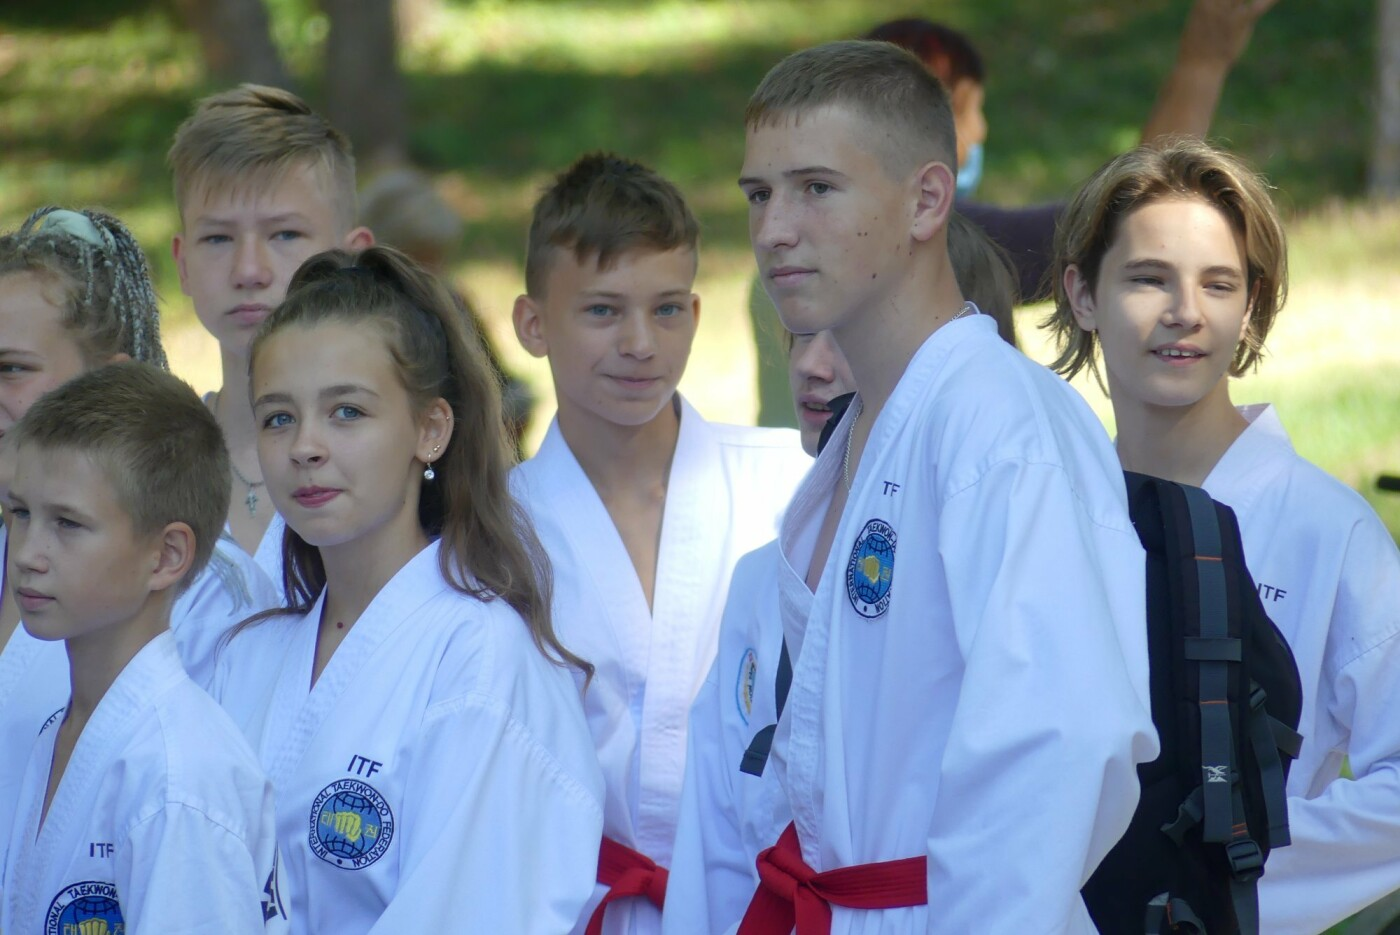 У Кам'янці-Подільському святкували спортивний день, фото-20, Фото: Кам'янець-Подільська міська рада